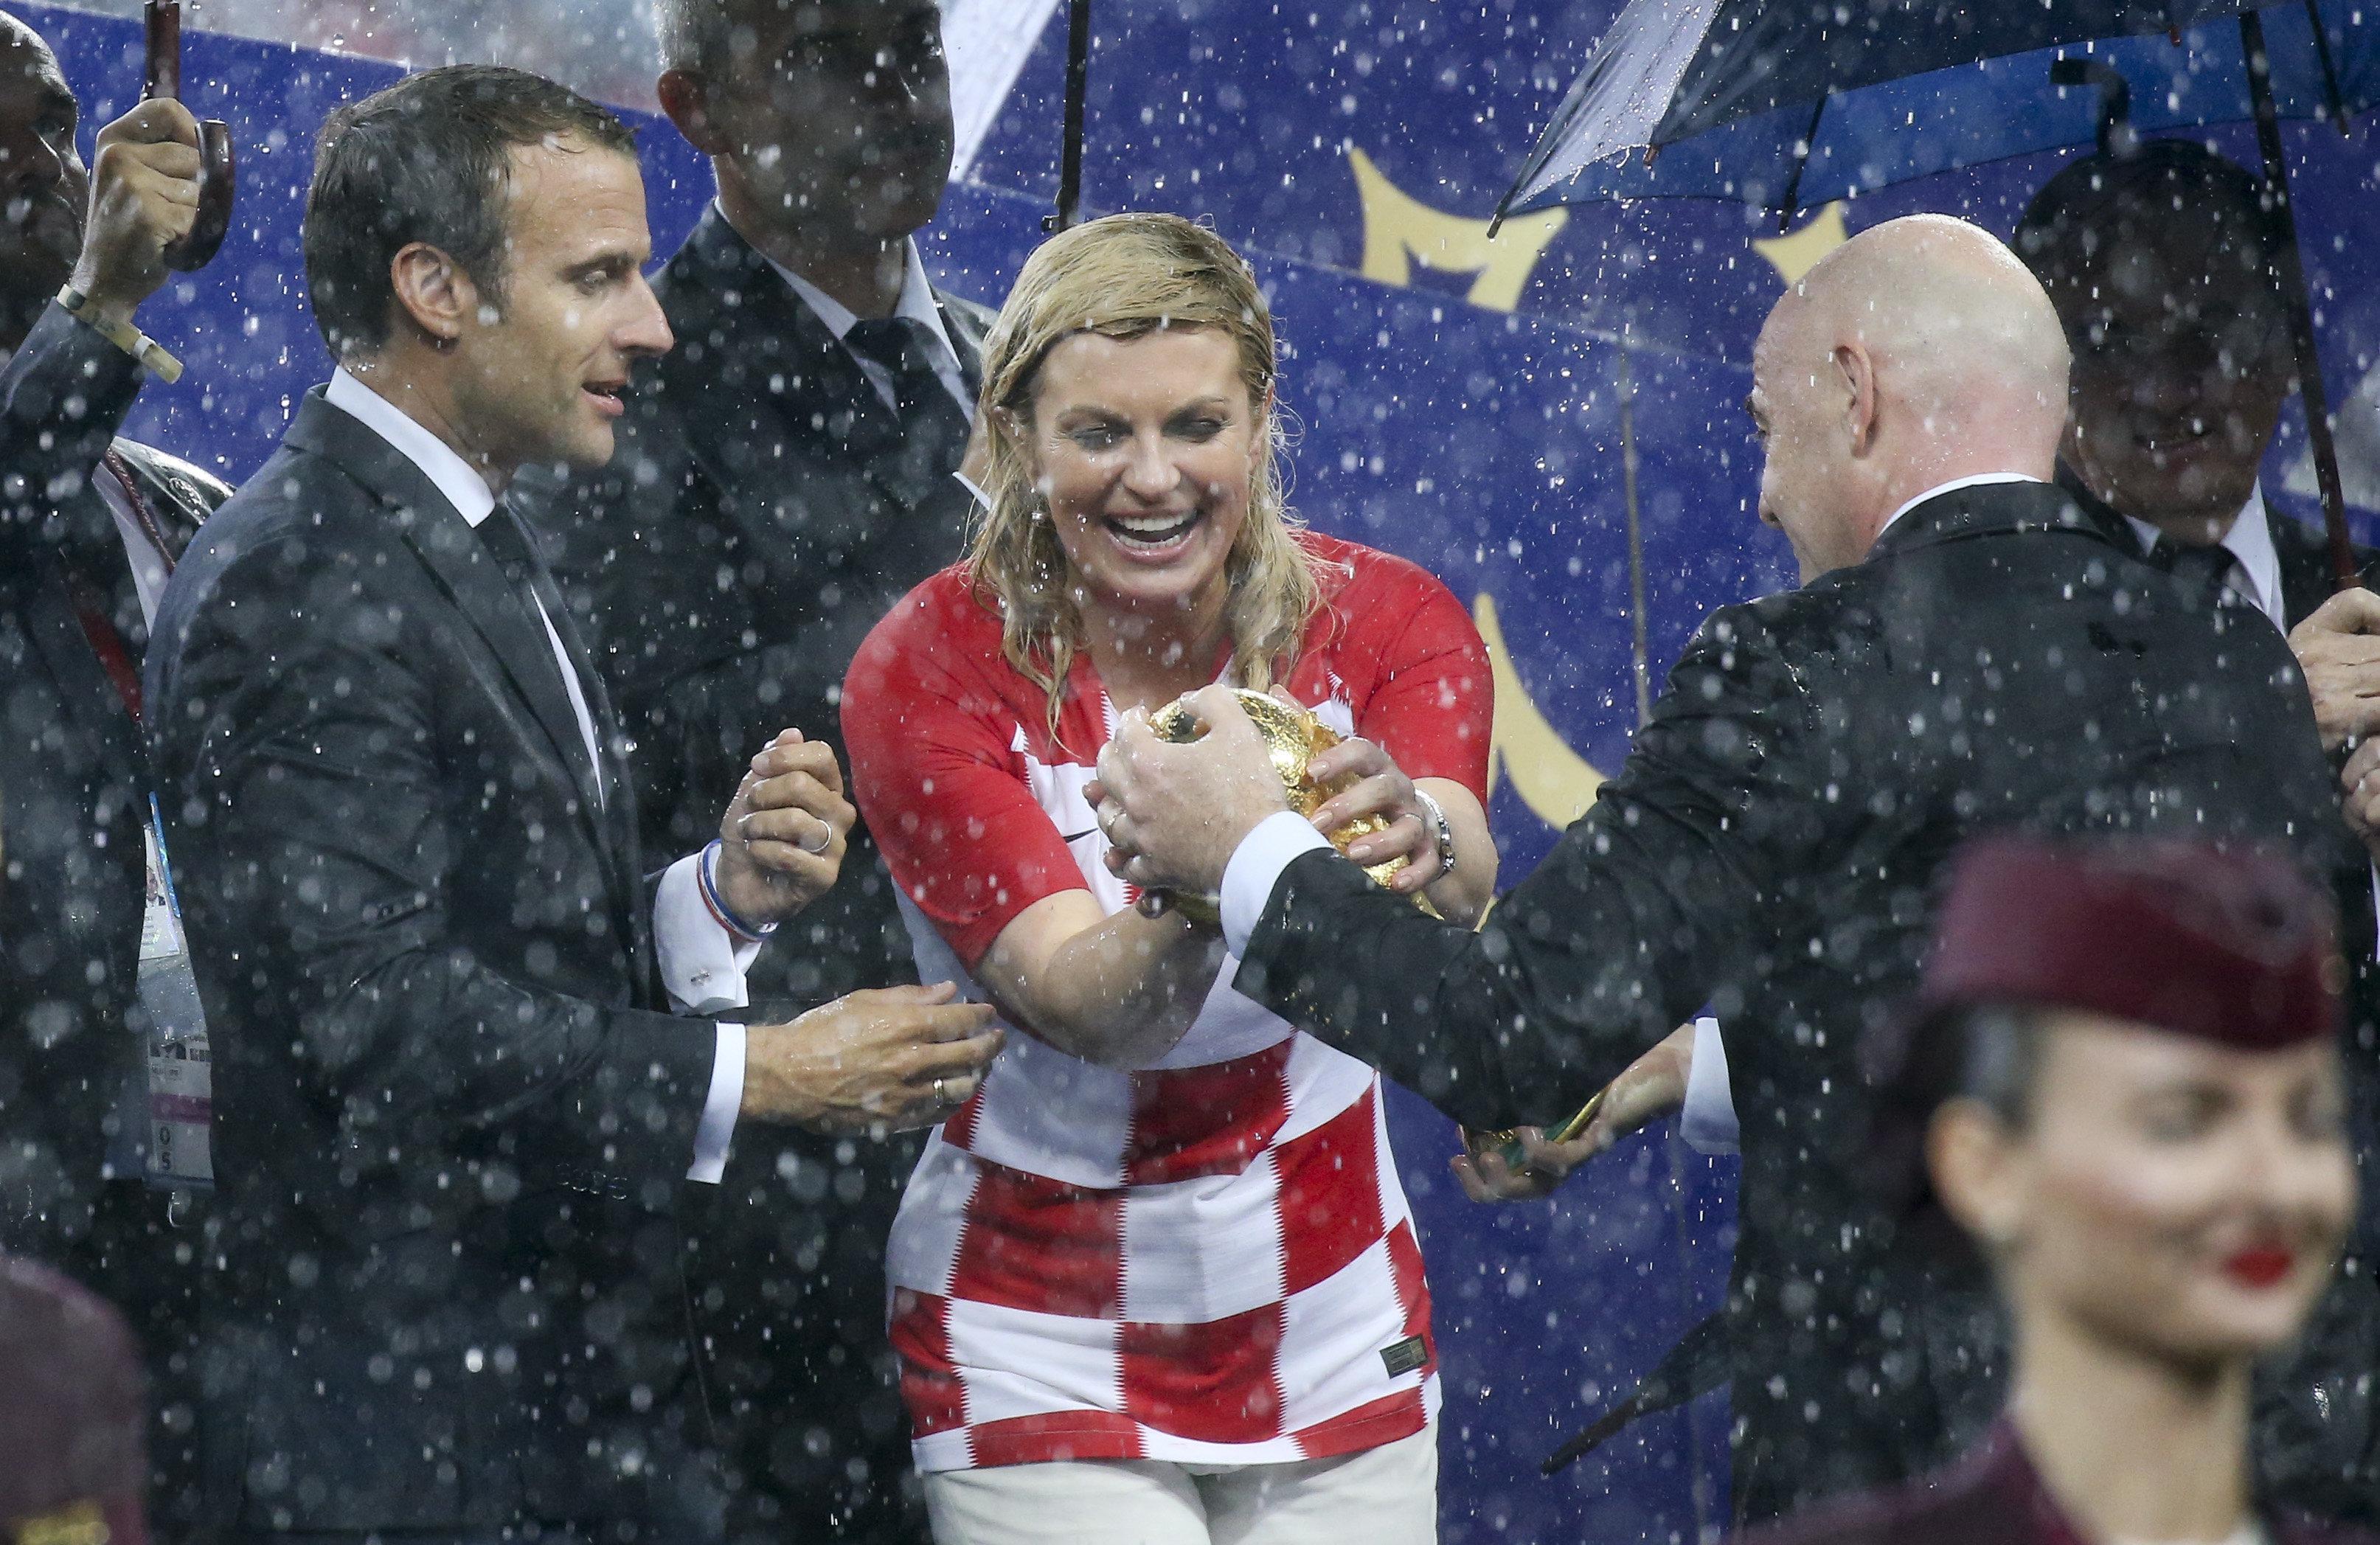 Deutschland feiert Kroatiens Präsidentin für WM-Auftritt – in ihrer Heimat wird sie